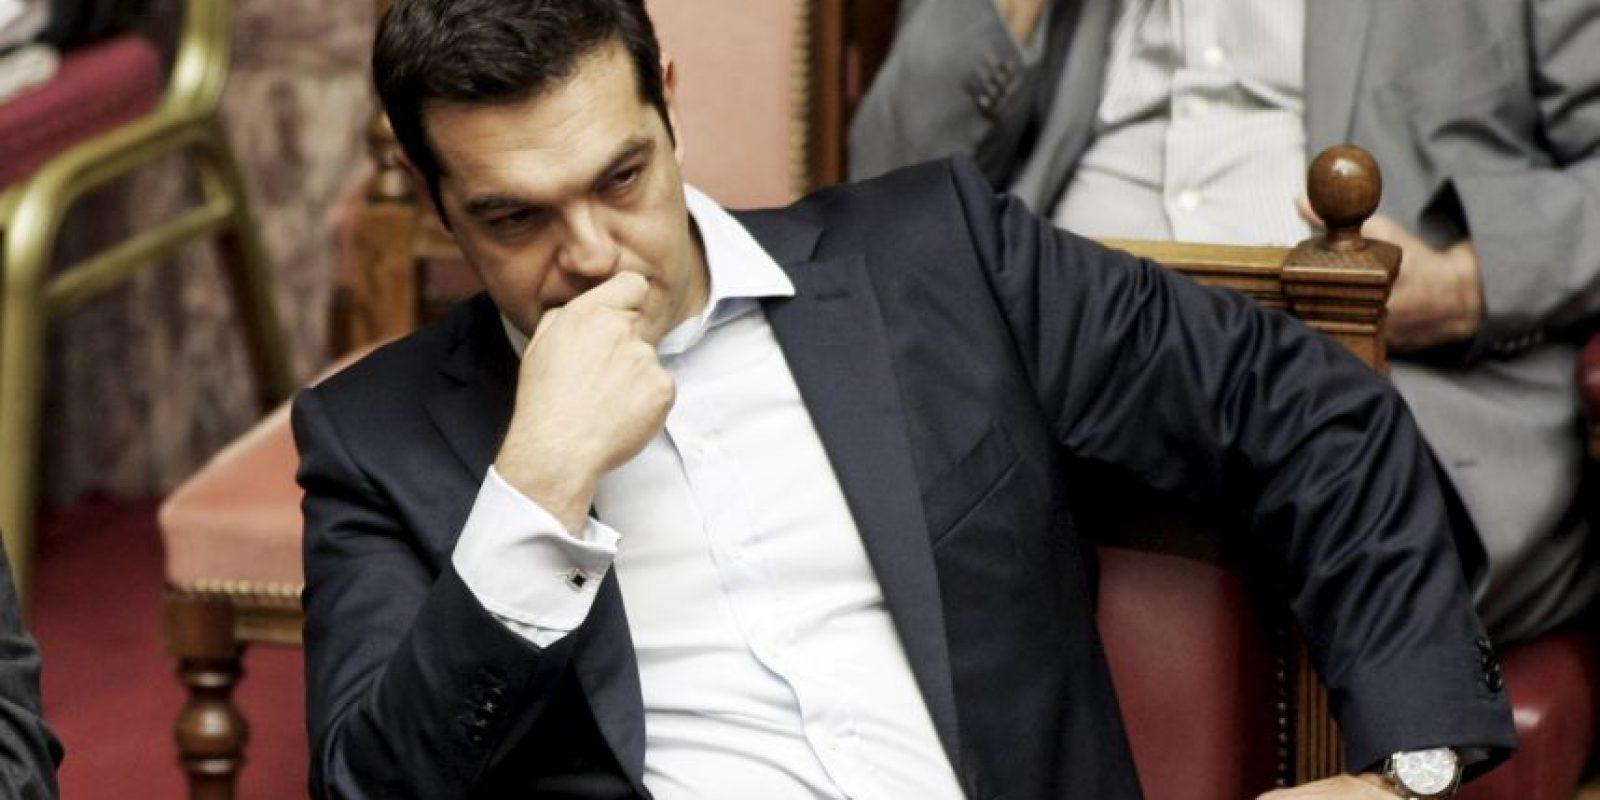 """9. """"No seré primer ministro por todos los tiempos"""", comentó dejando abierta la posibilidad de su dimisión en caso de fracasar con el referéndum Foto:Getty Images"""